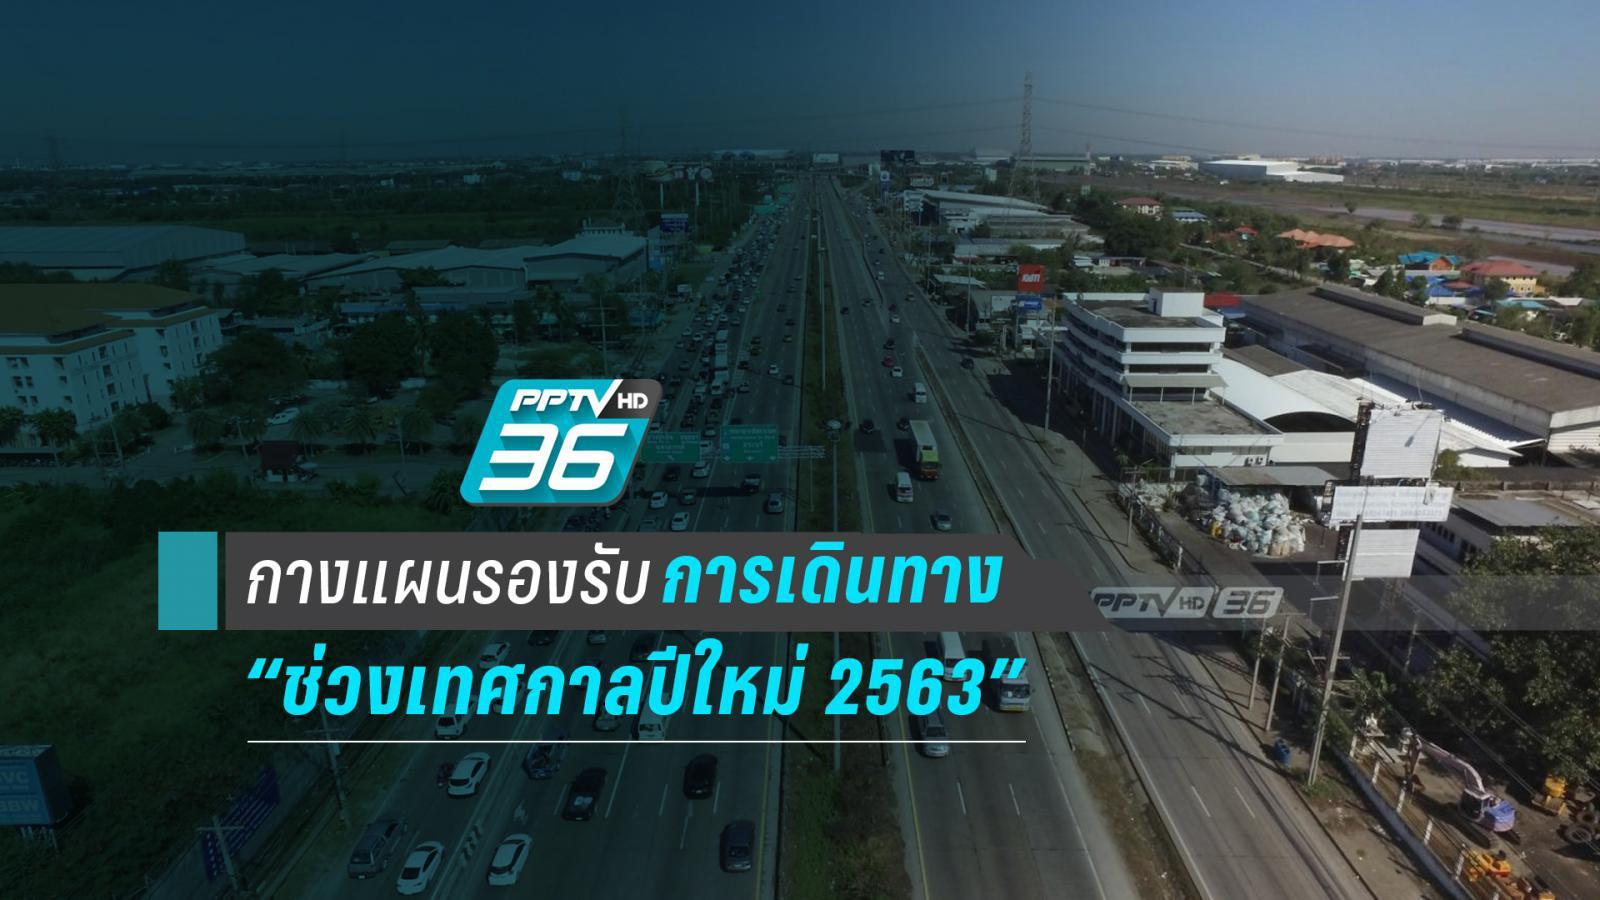 เตรียมพร้อม ถนน เครื่องบิน รถไฟ รถทัวร์ รองรับเทศกาลปีใหม่ 2563